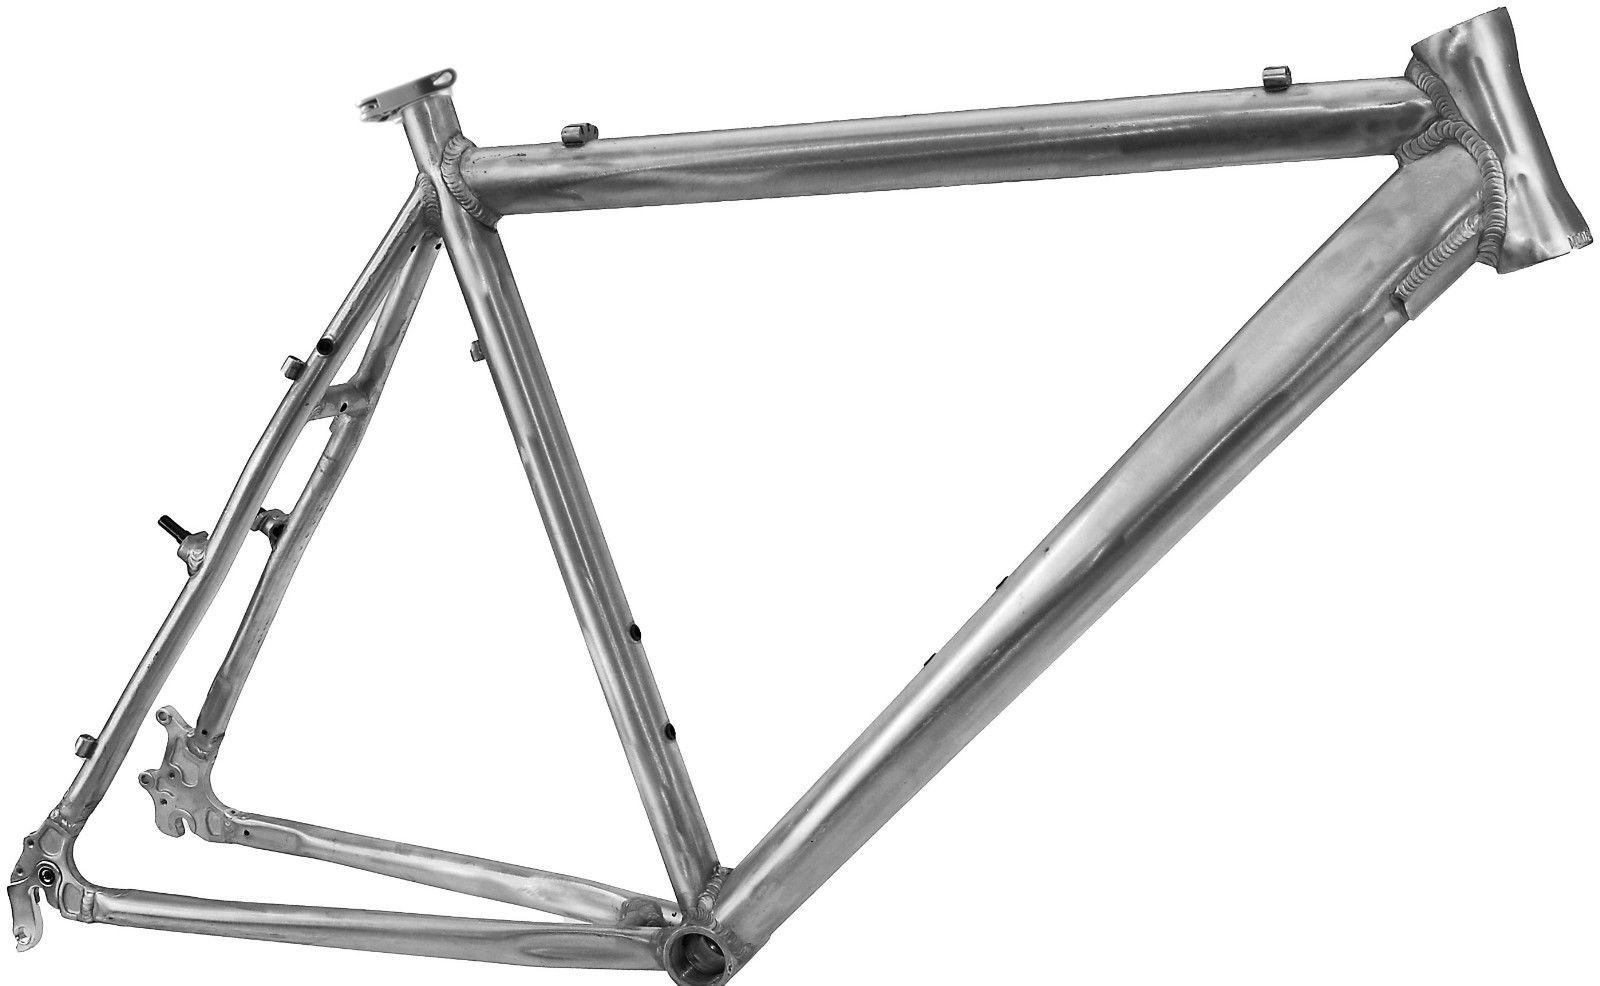 Cómo elegir una buena bicicleta - ChilePedaleando/ciclismo-urbano ...